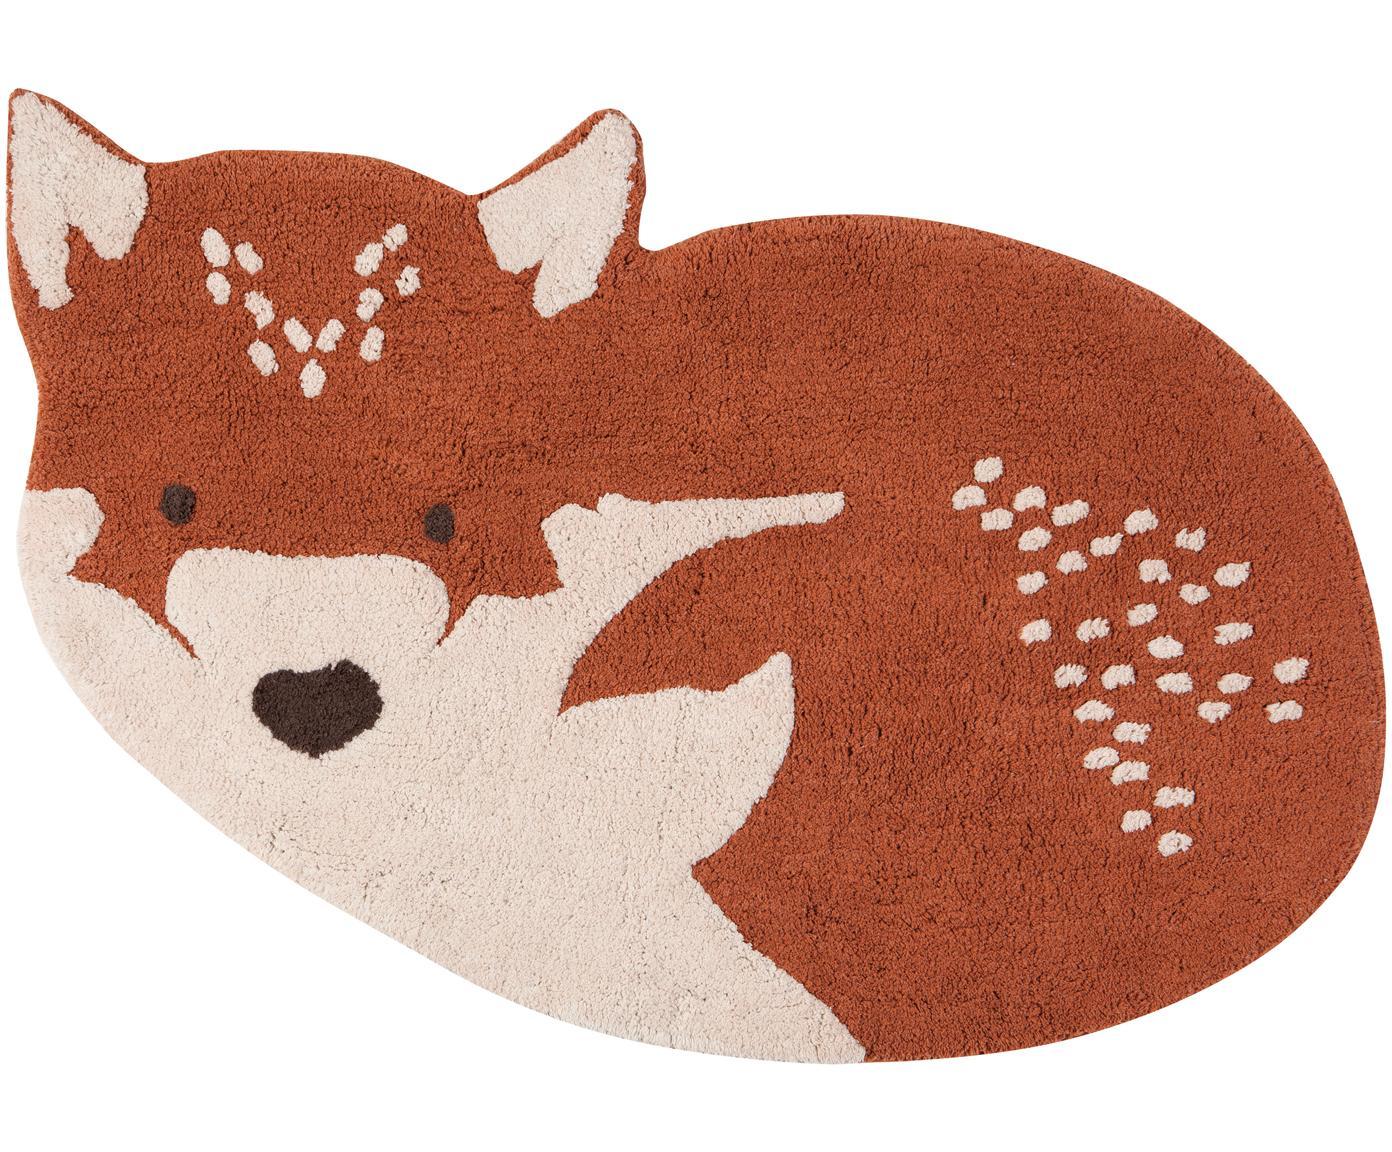 Teppich Little Wolf, Baumwolle, Rot, Beige, 110 x 70 cm